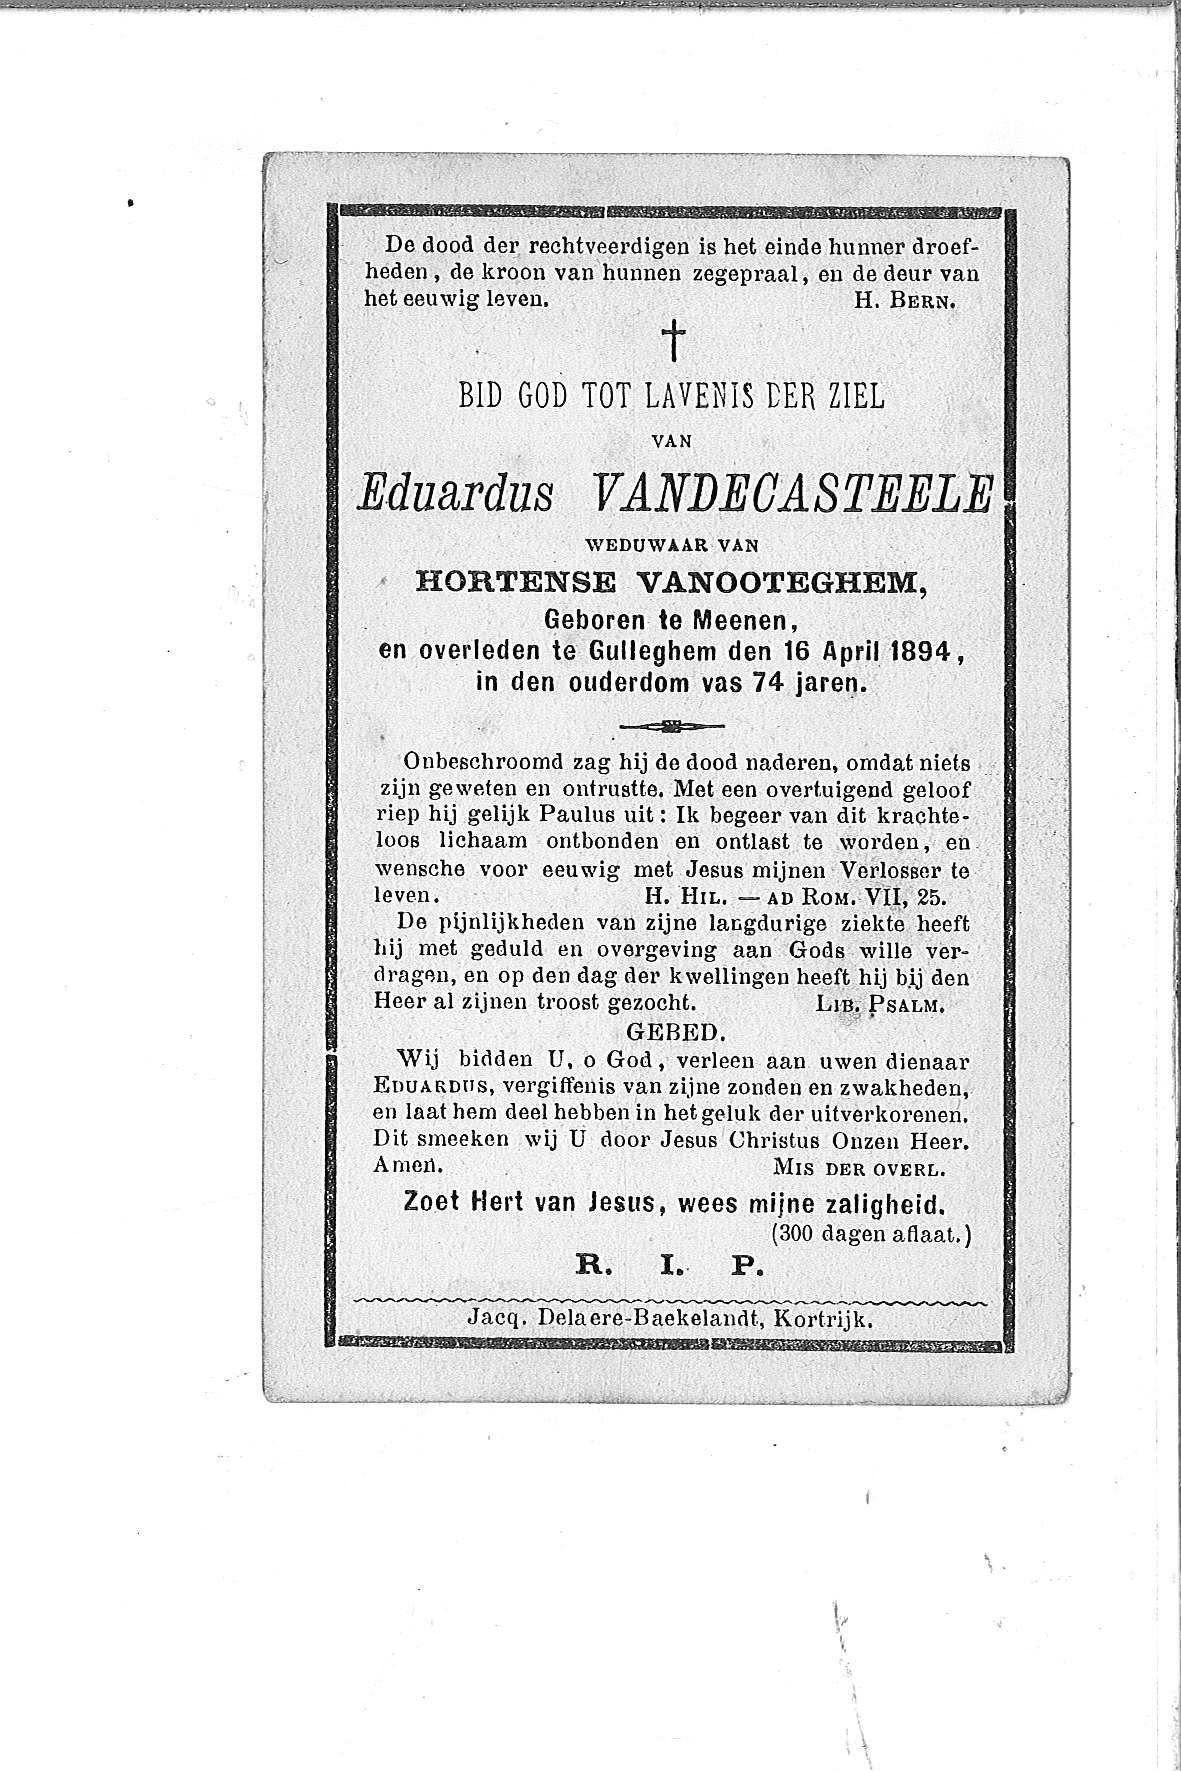 Eduardus(1894)20140113111440_00005.jpg